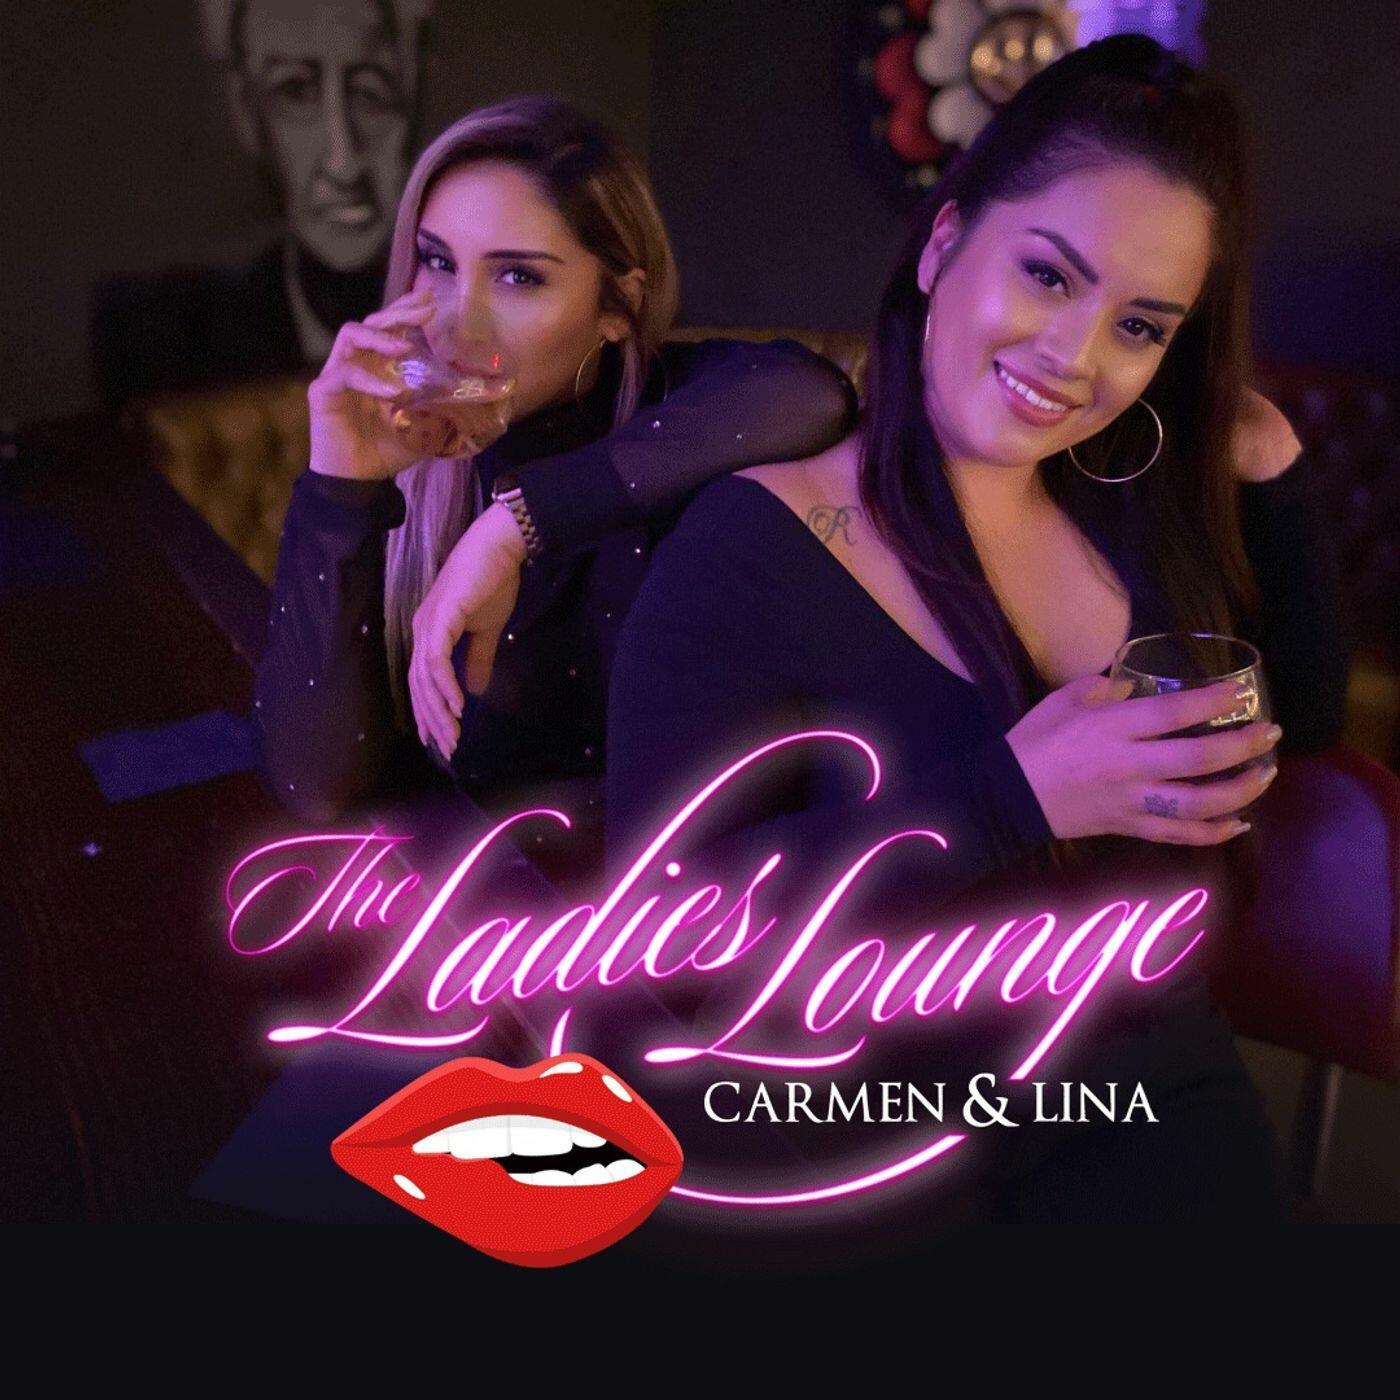 The Ladies Lounge